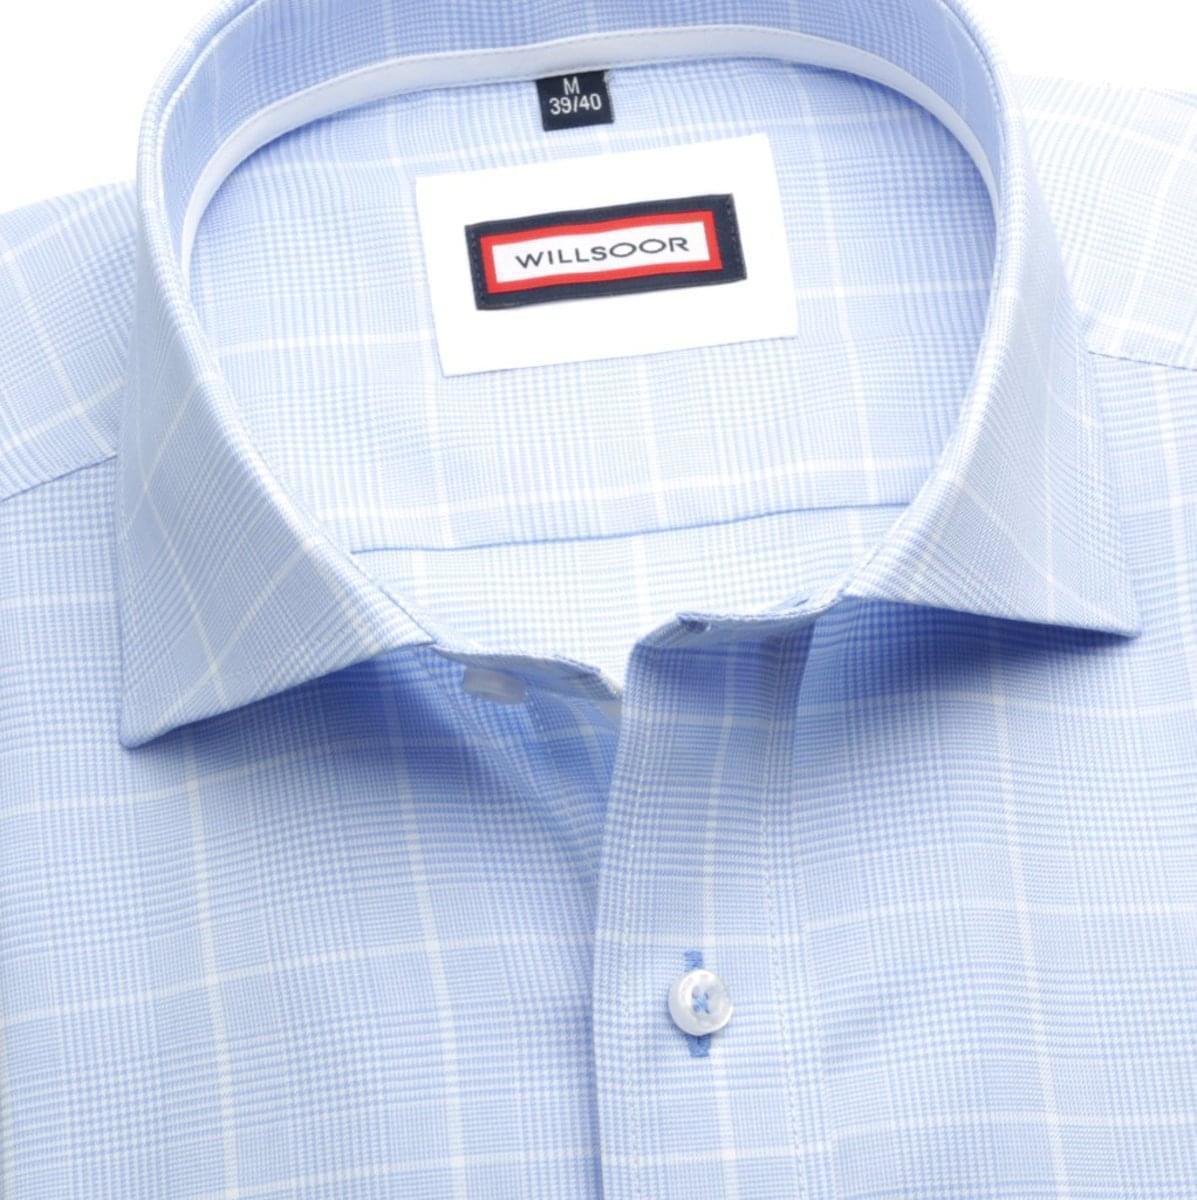 Pánská košile Slim Fit (výška 164-170) 5919 v modré barvě s formulí Easy Care 164-170 / M (39/40)